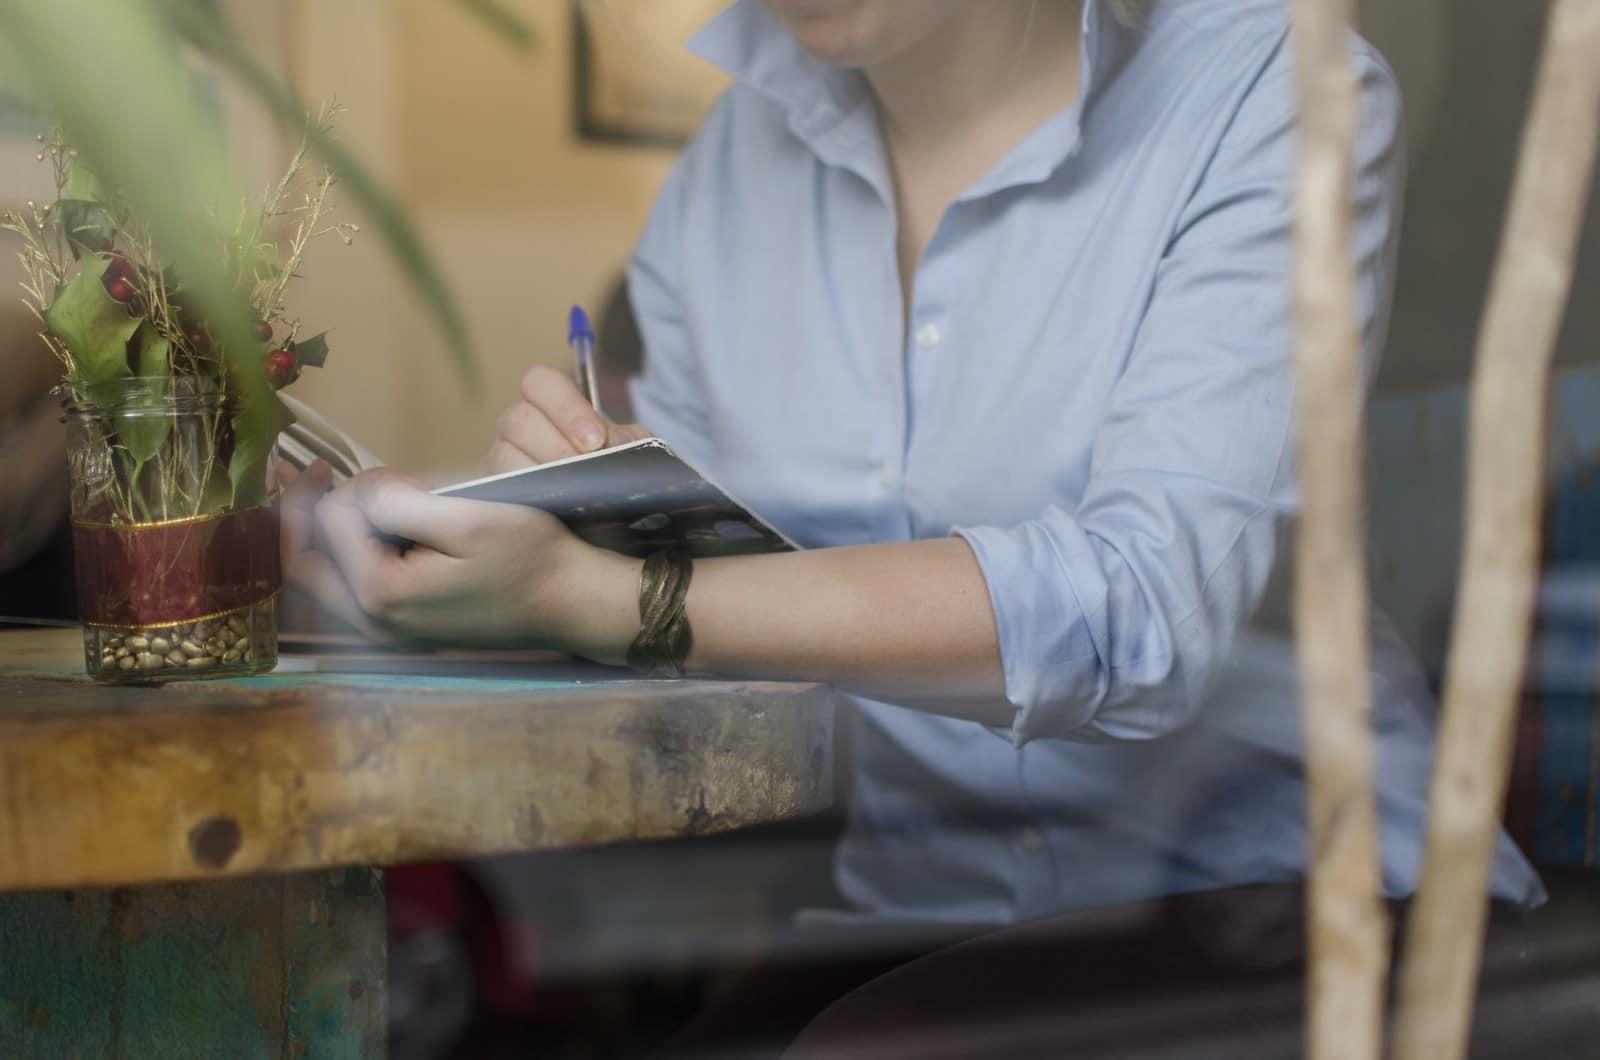 Как стать писателем уроки для начинающих прозаиков | Вдохновить на роман